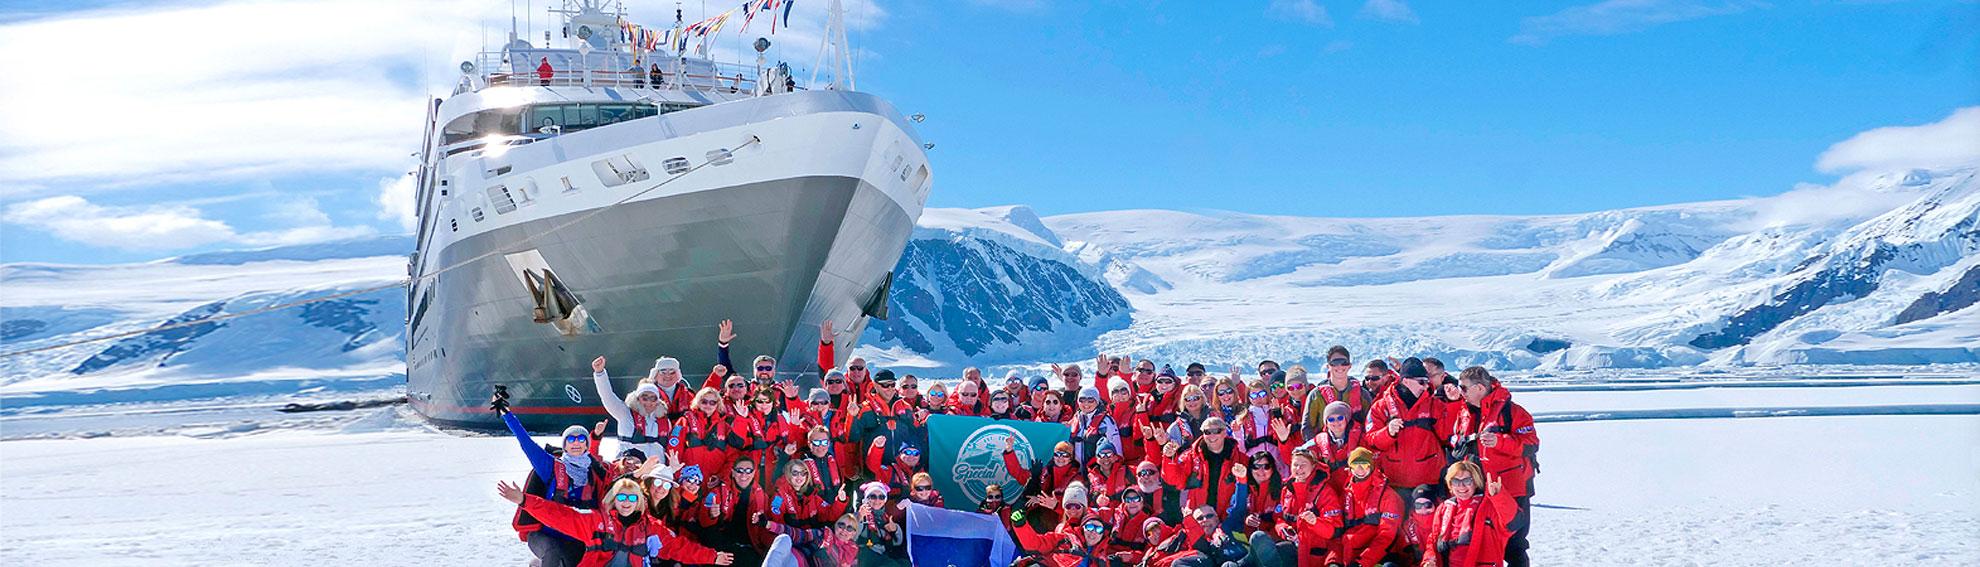 Новый год 2021 за полярным кругом Антарктиды на мега-яхте L'Austral